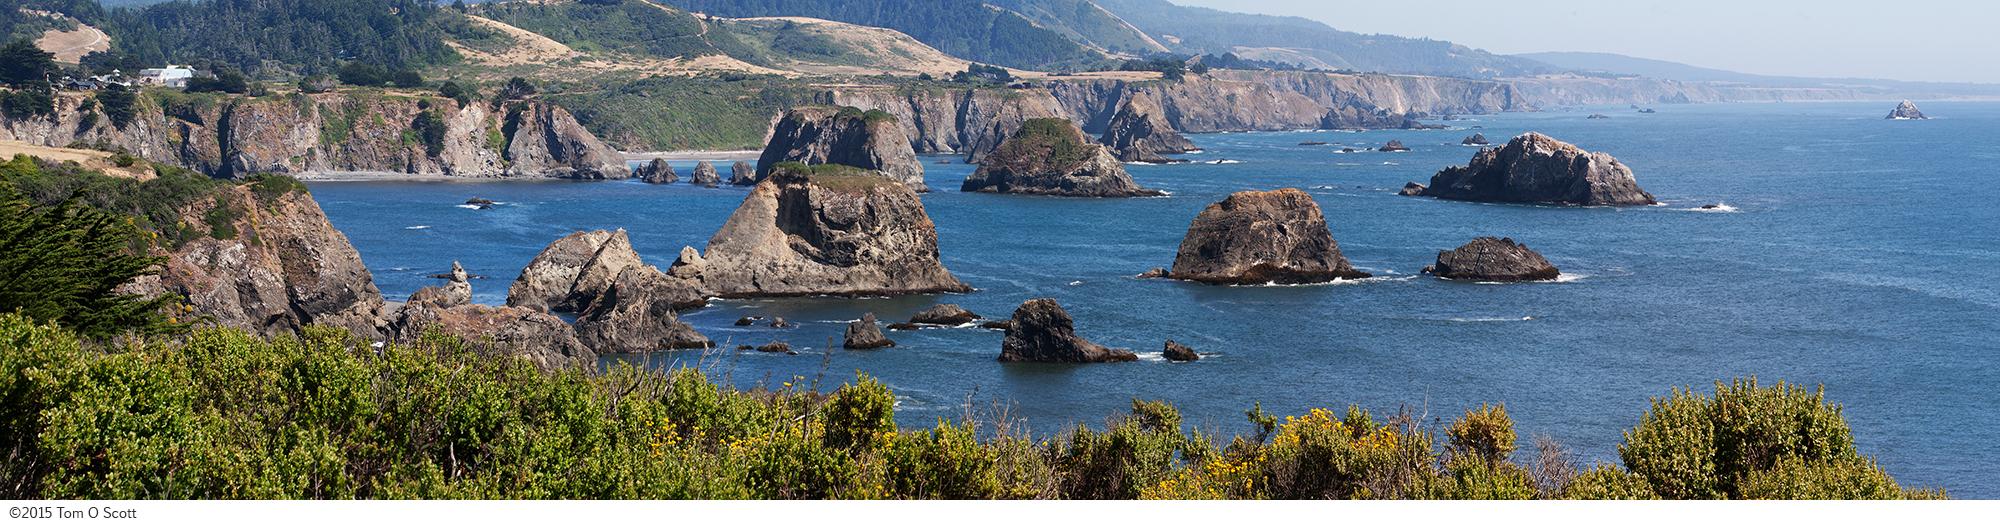 Coastline North of Salt Point